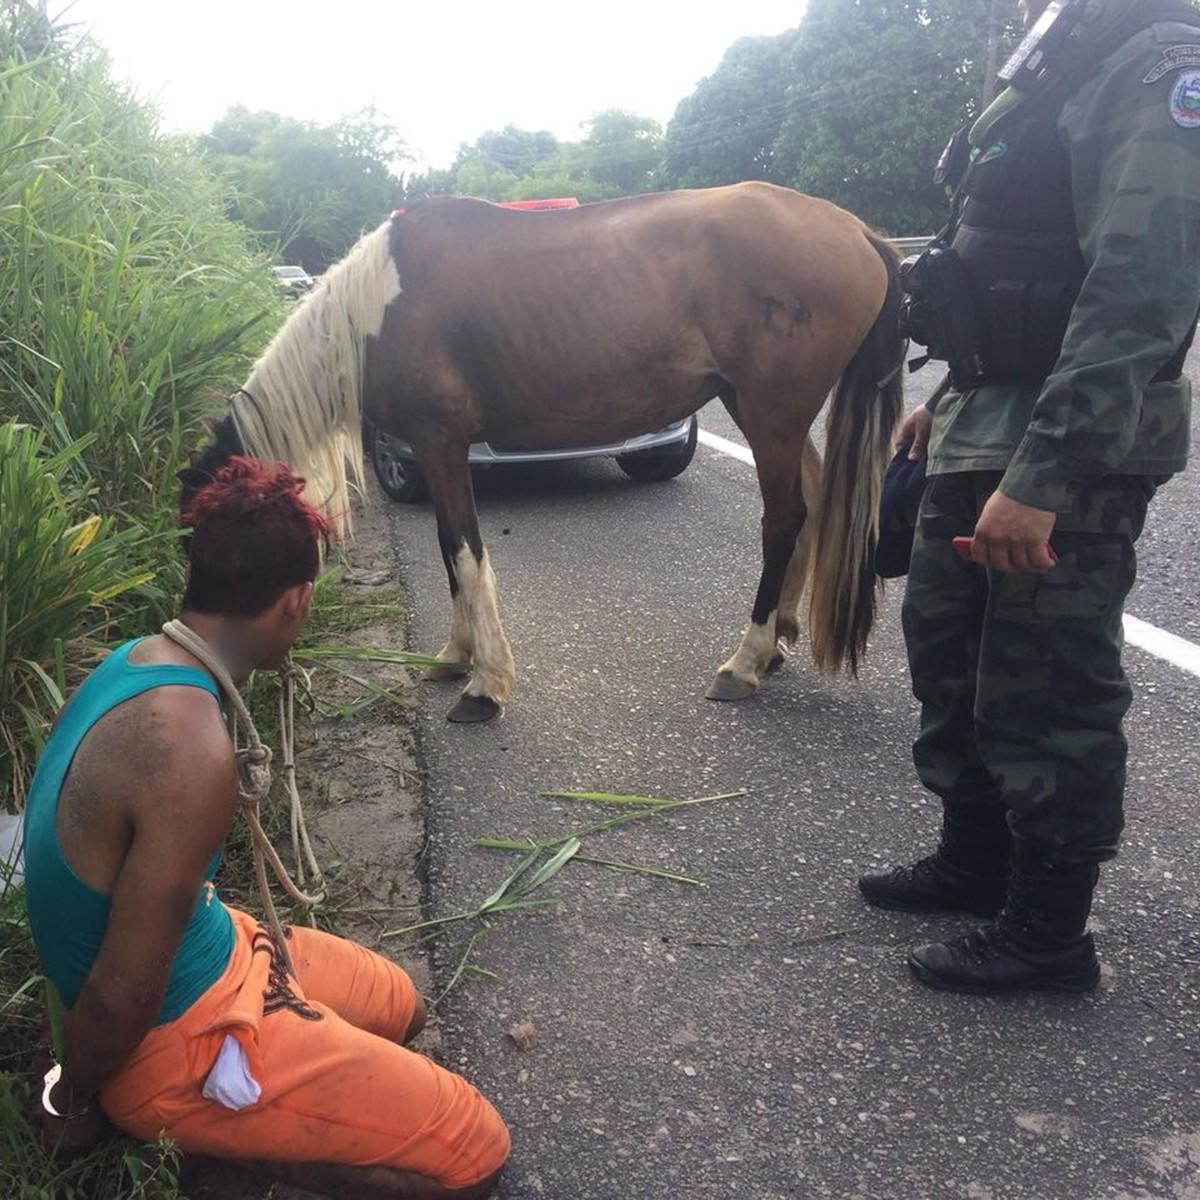 Homem assalta mulheres com chave de fenda e é preso fugindo em cavalo, na PB